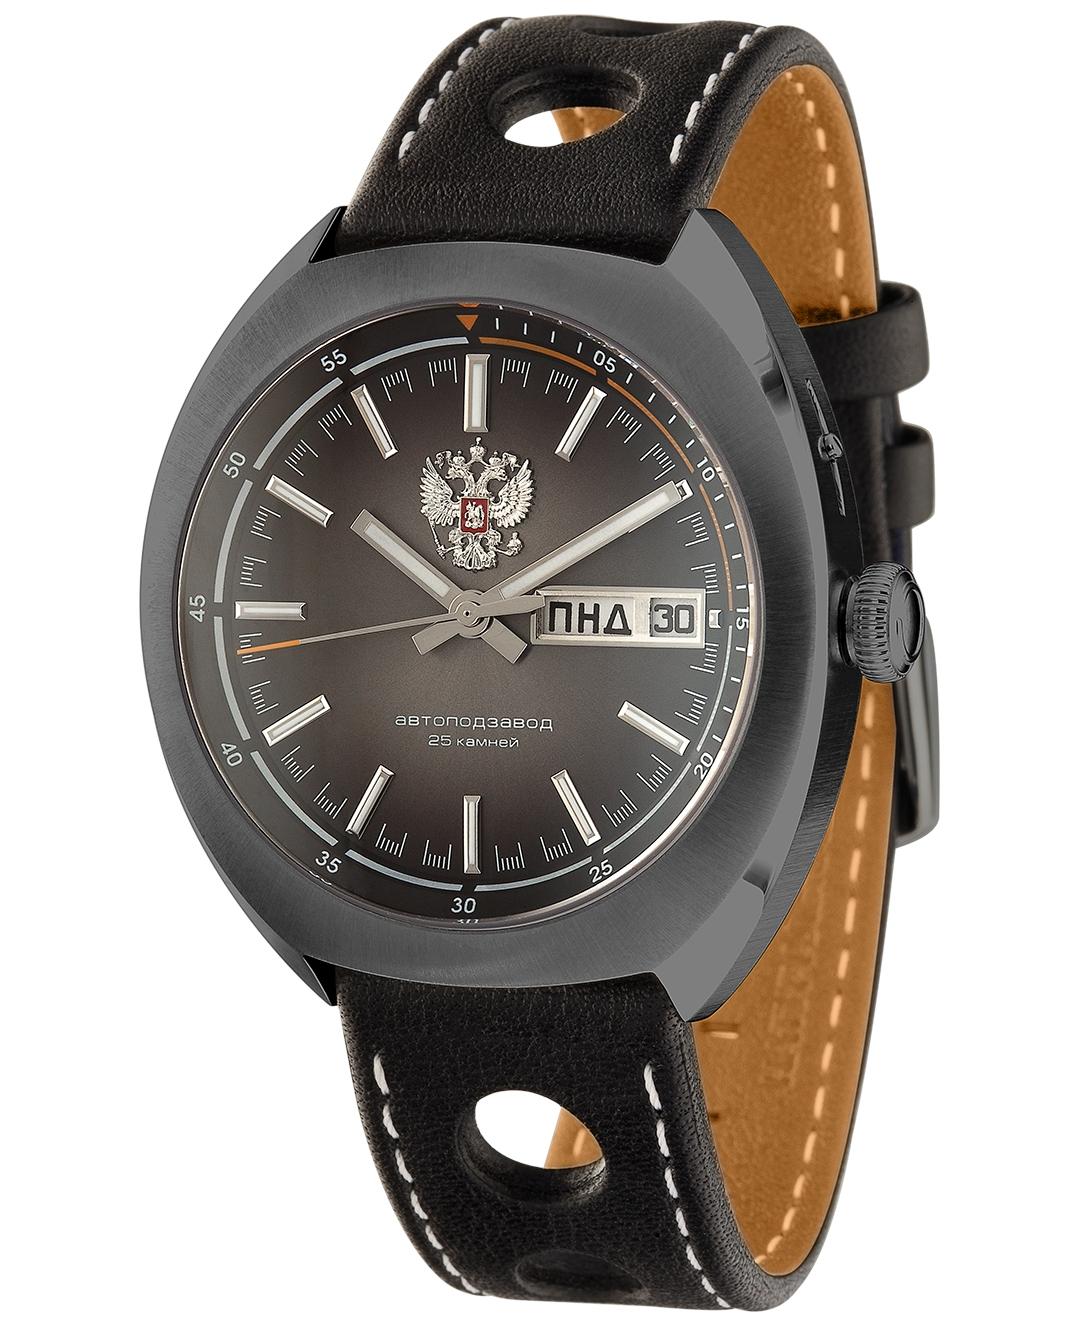 Наручные механические часы Слава МИР 5016069/300-2427 фото